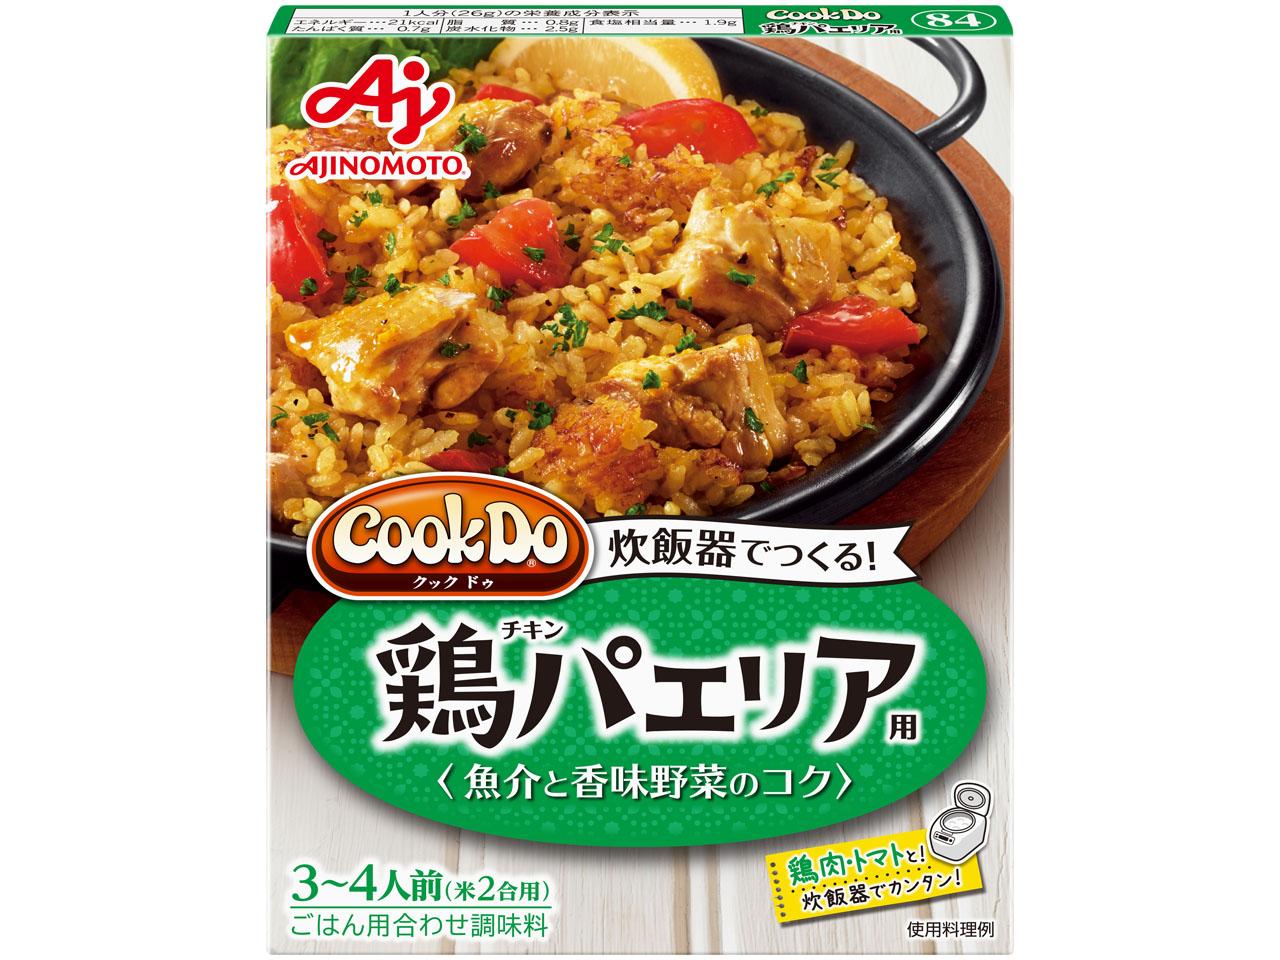 「Cook Do」炊飯器でつくる鶏パエリア用